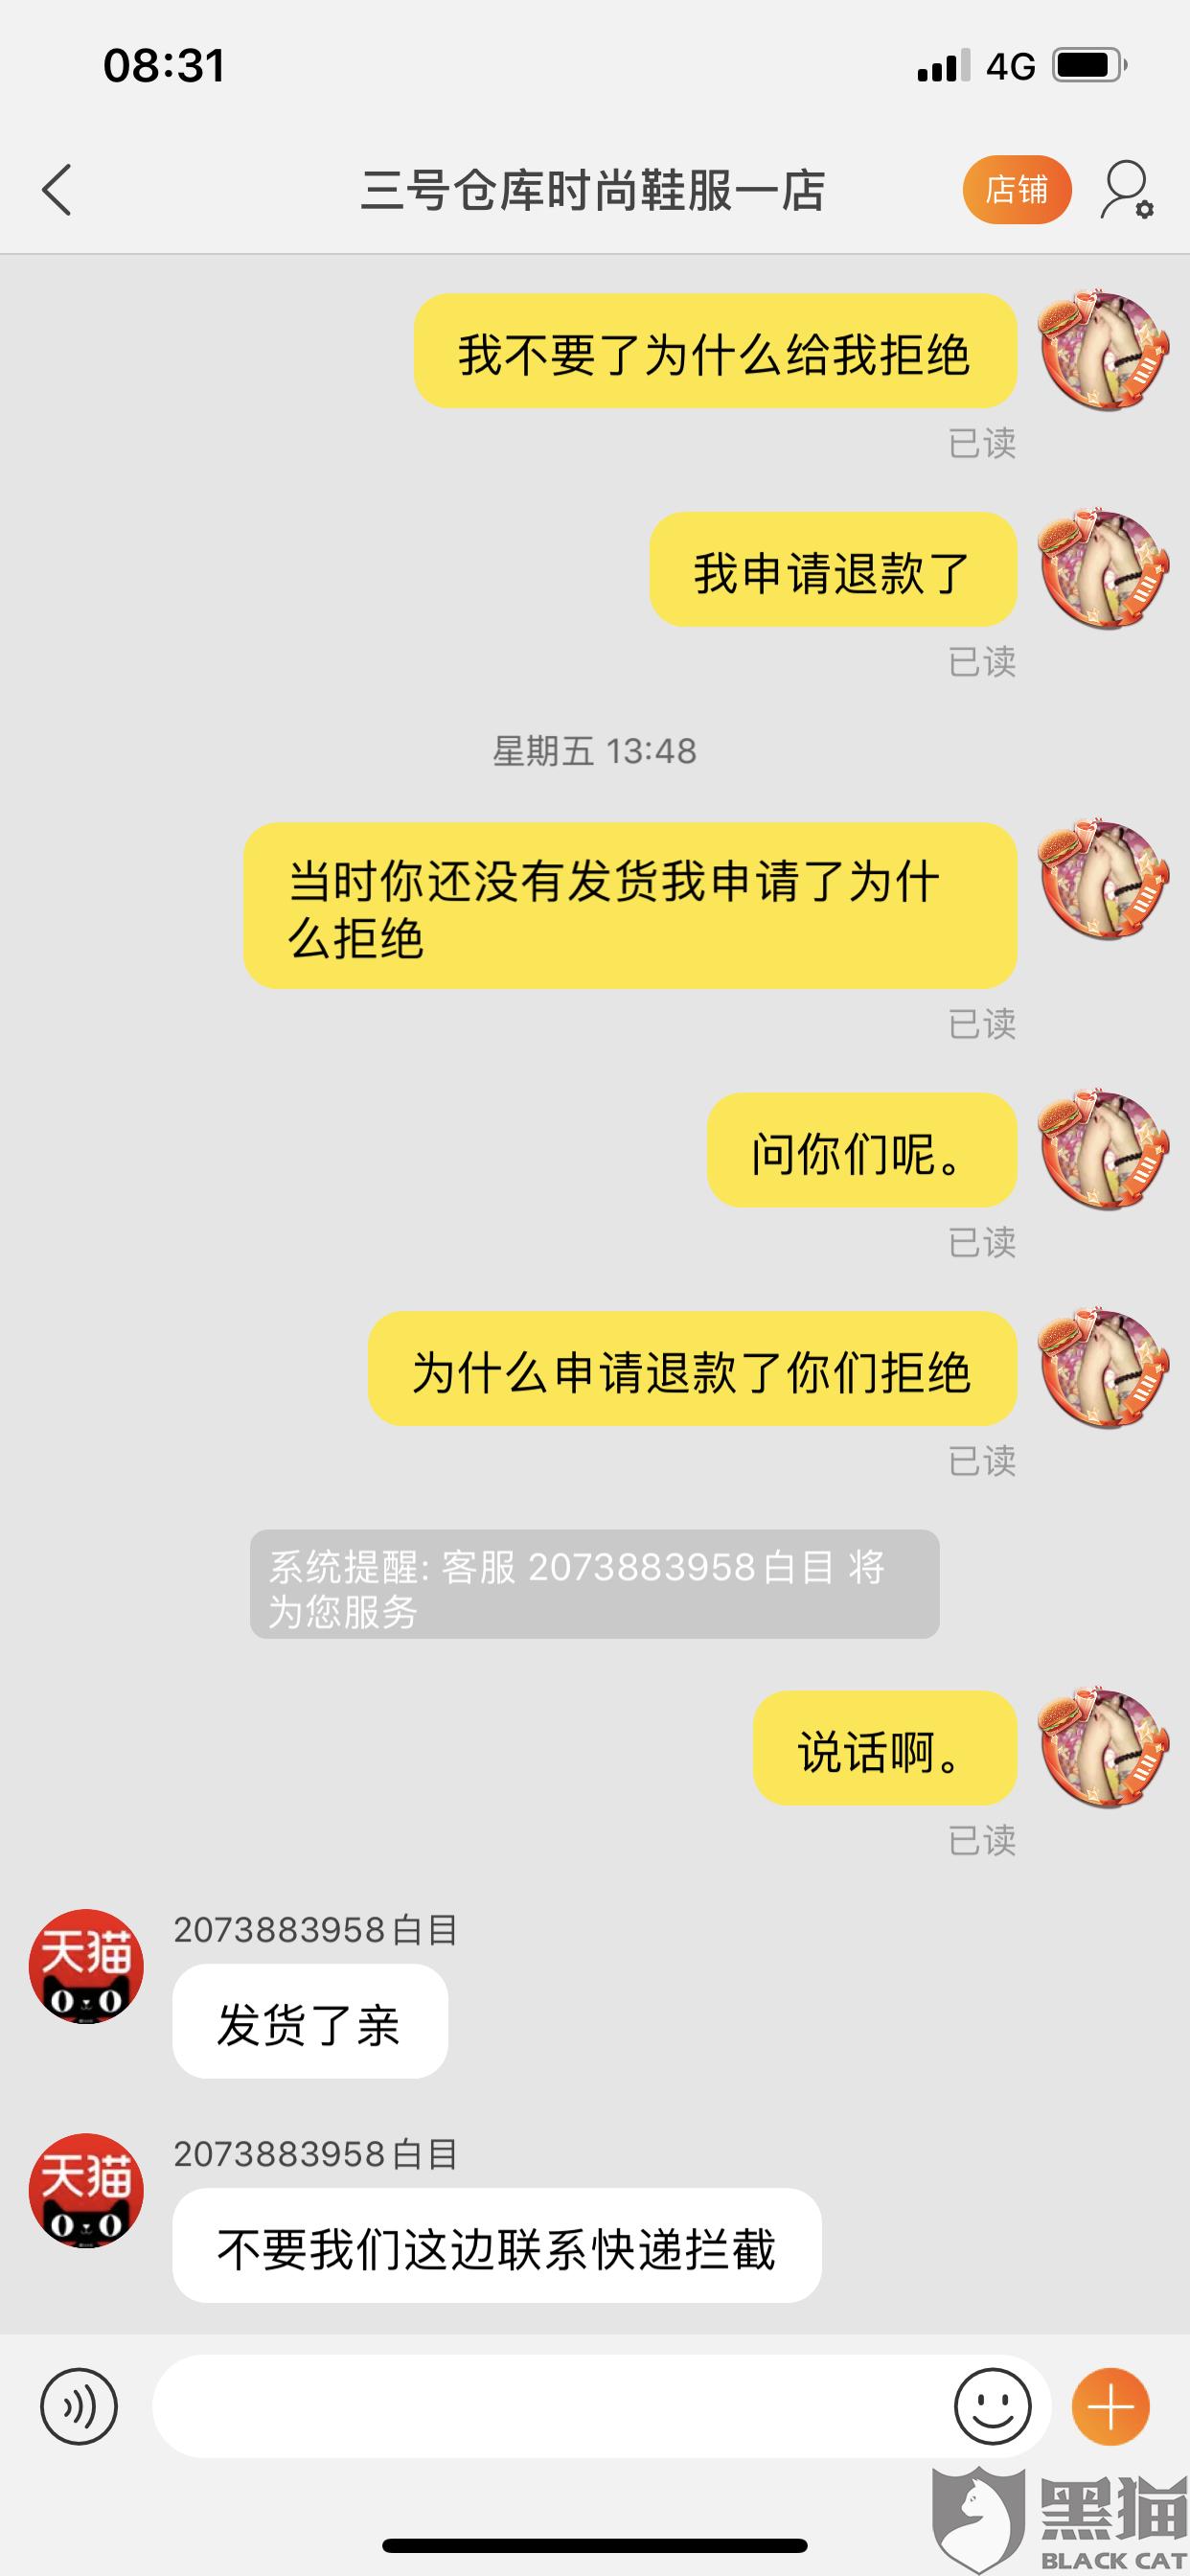 黑猫投诉:淘宝商家 简尚居家生活馆